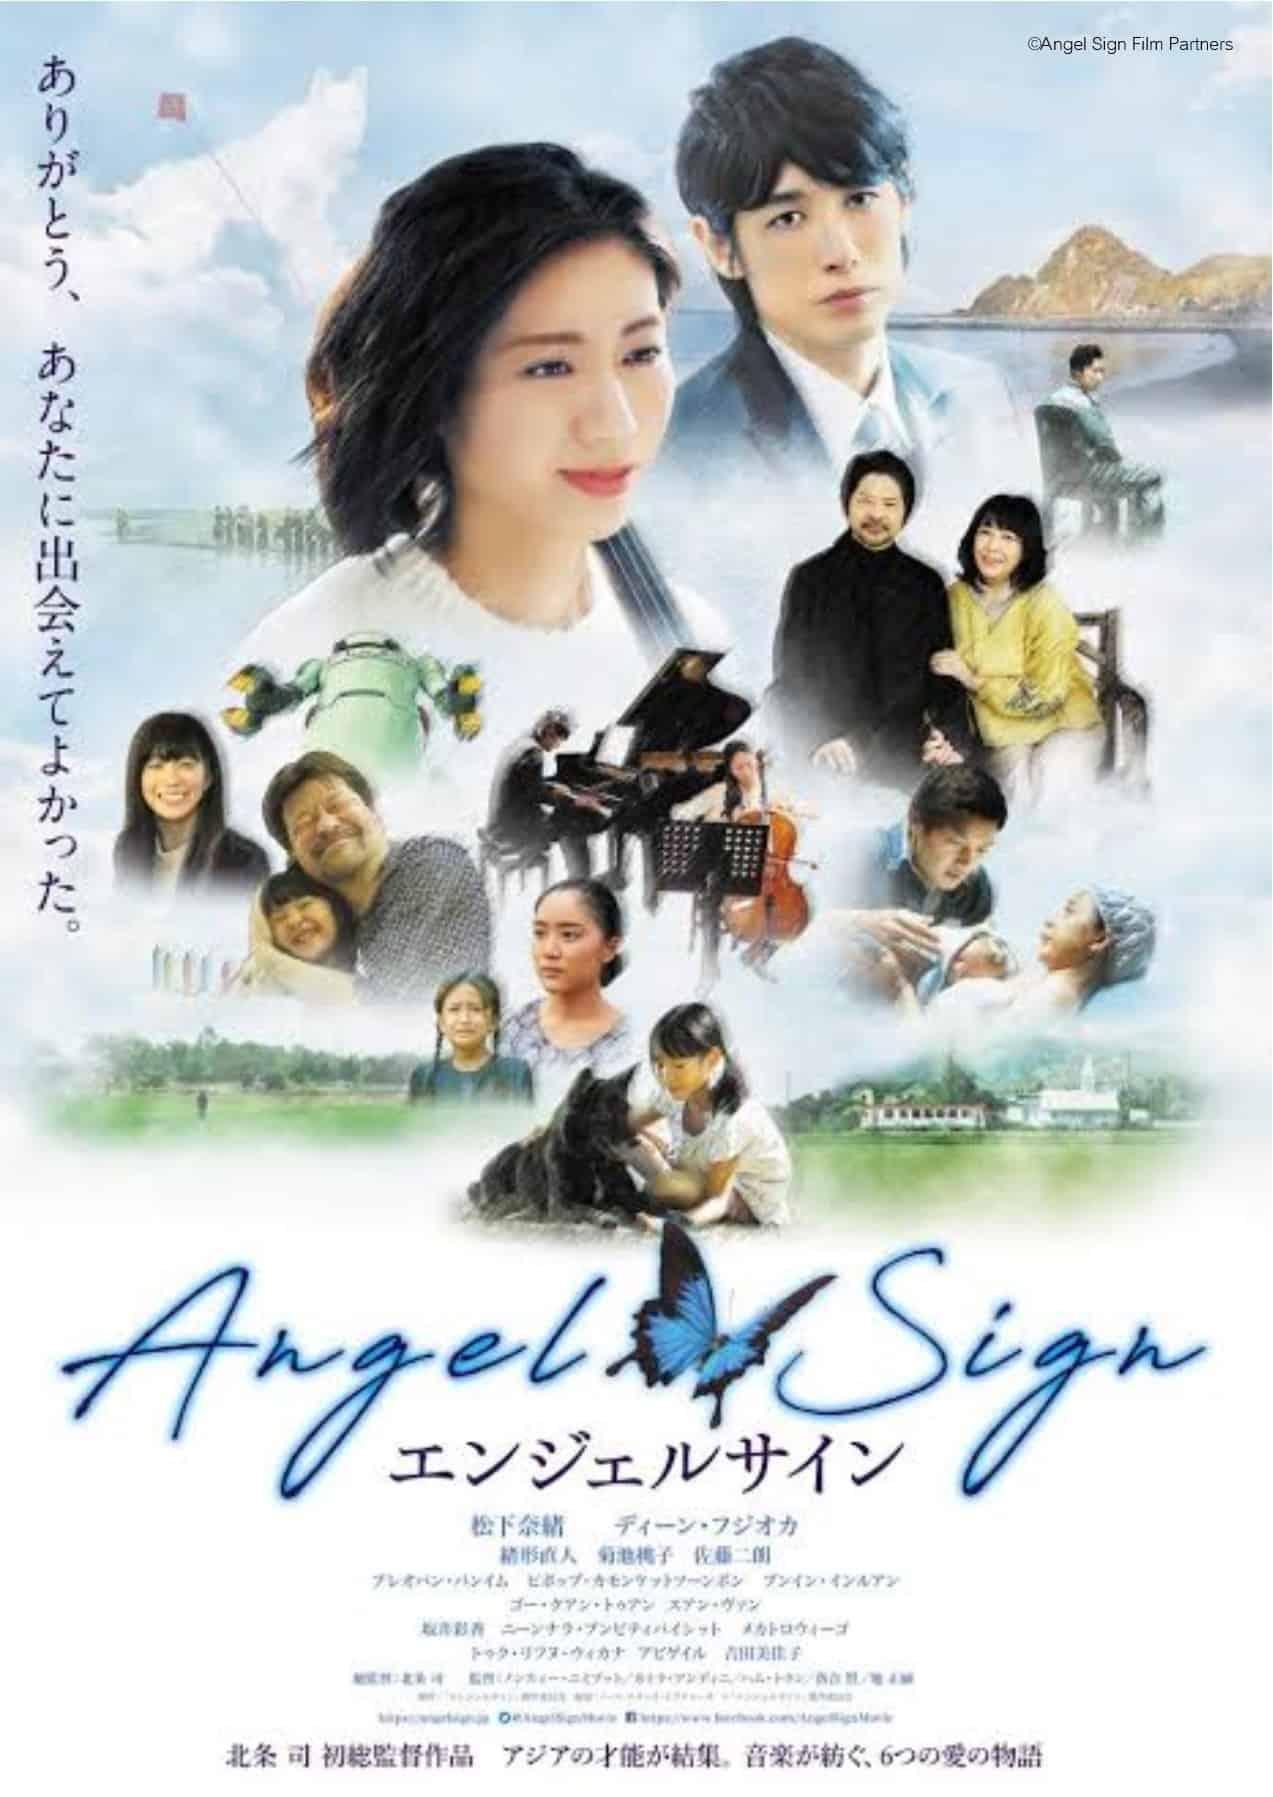 คาโต้ ยูเซ (Yusei Kato) ผู้กำกับ Angel Sign